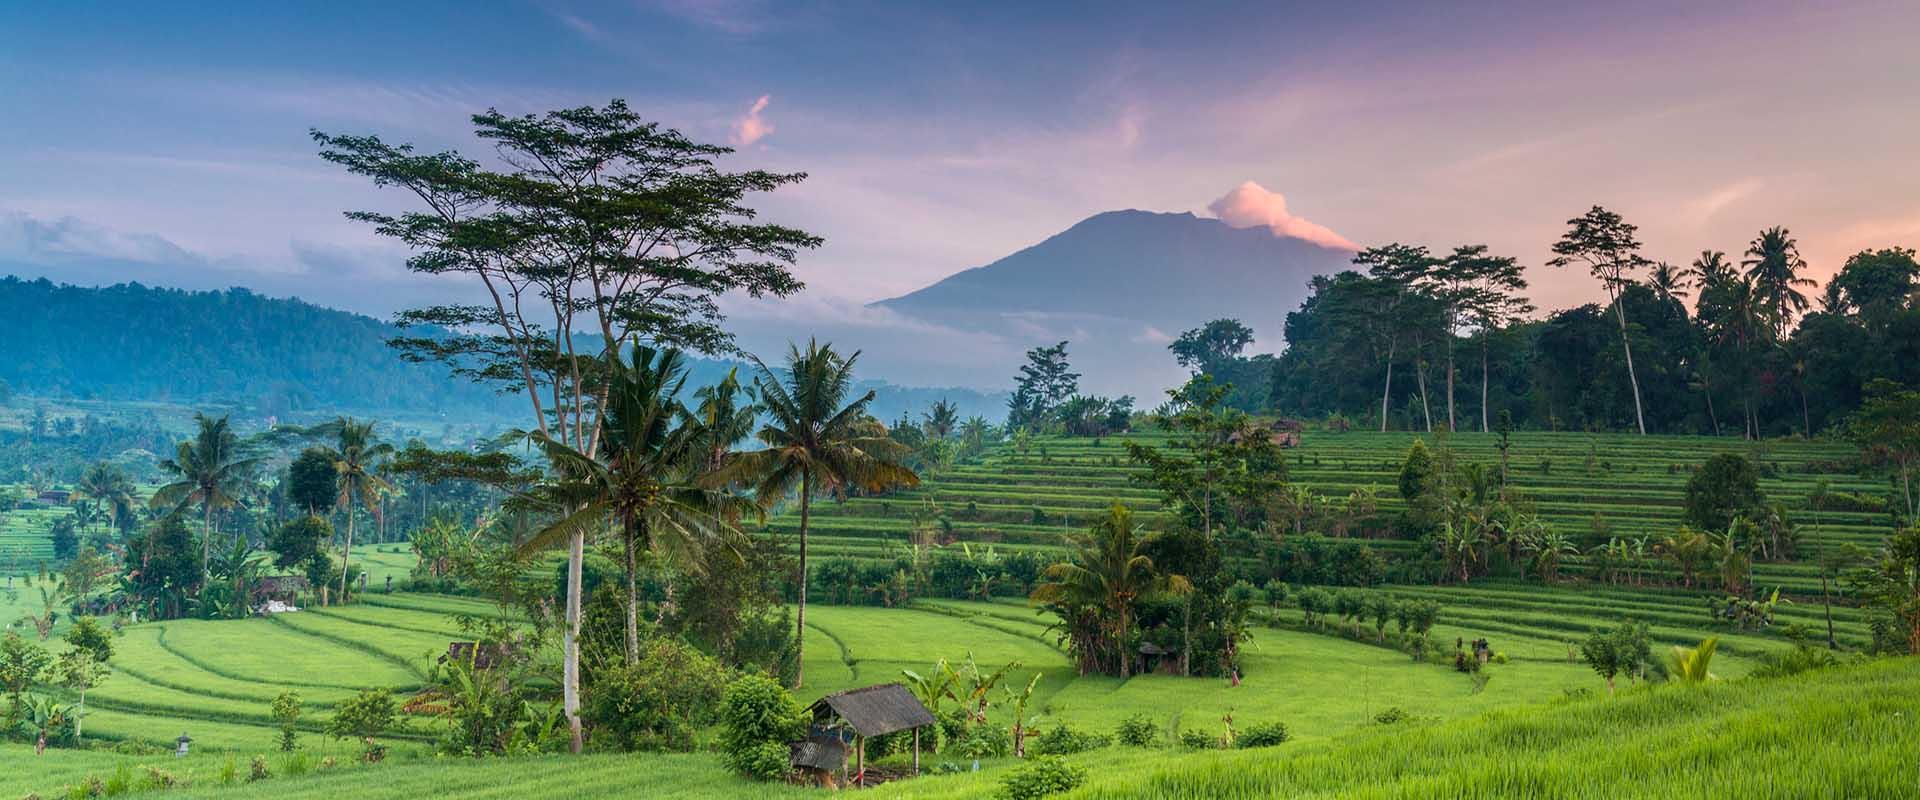 IndonesiaPublicHolidaysPublicholidaysCoId